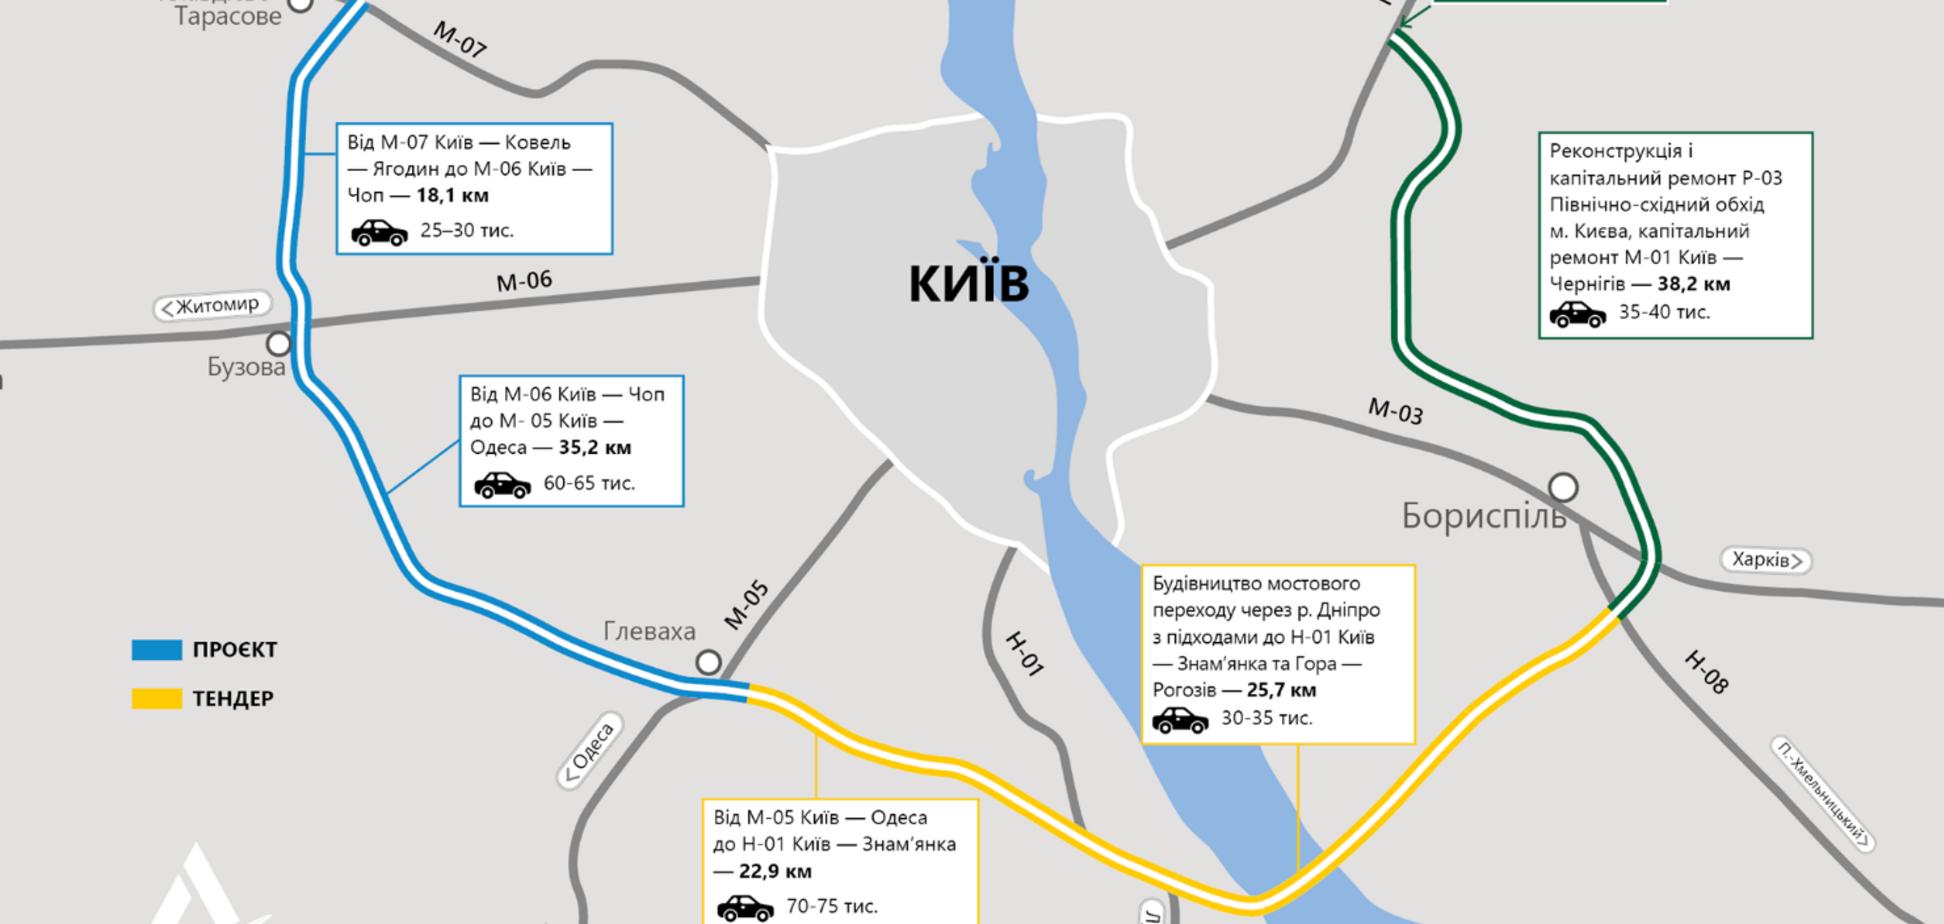 Для строительства Киевской обходной дороги планируют привлечь мощного международного подрядчика